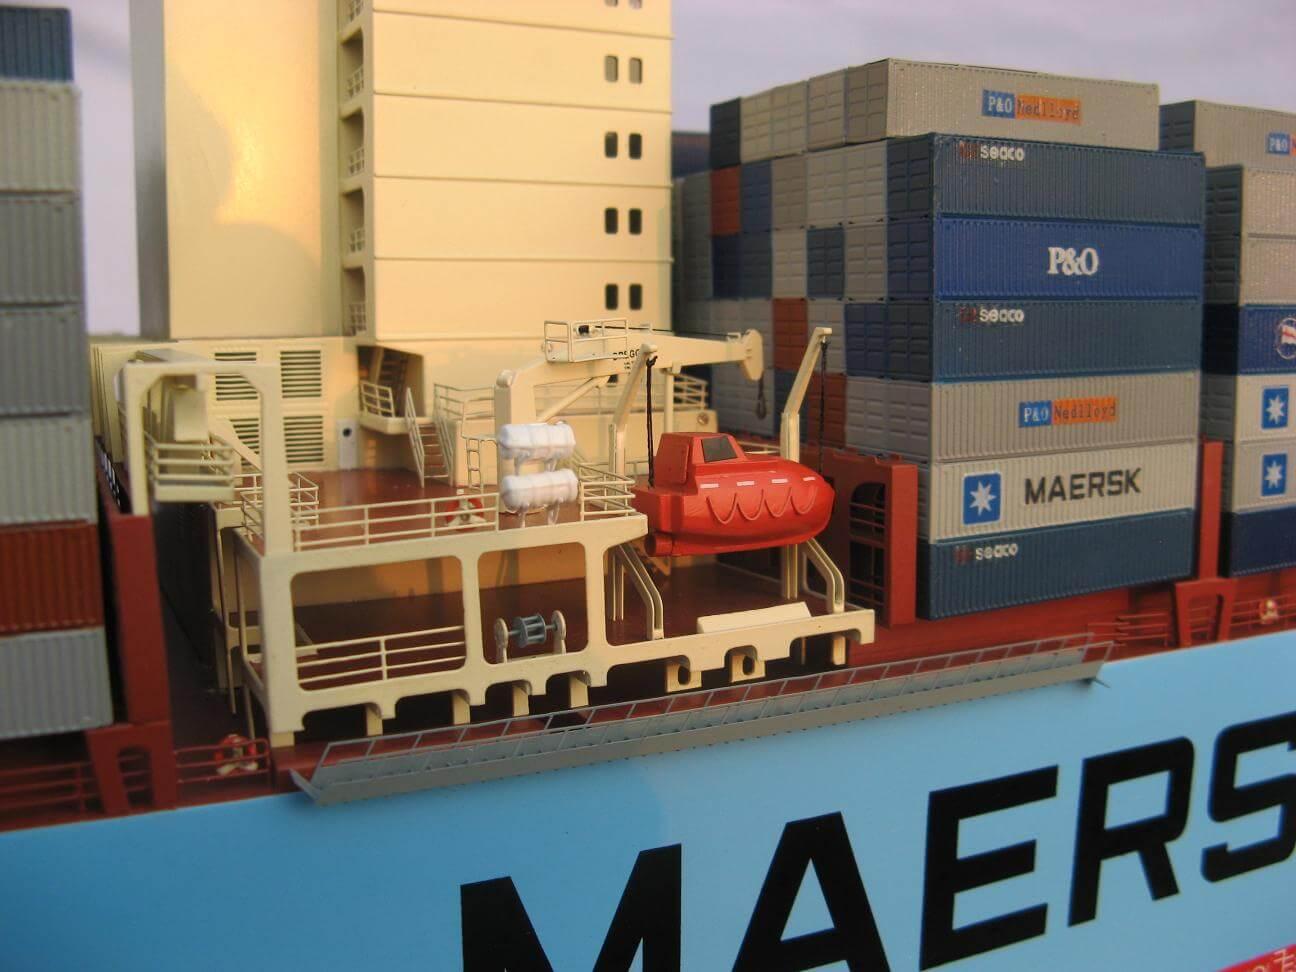 Emma Maersk 4